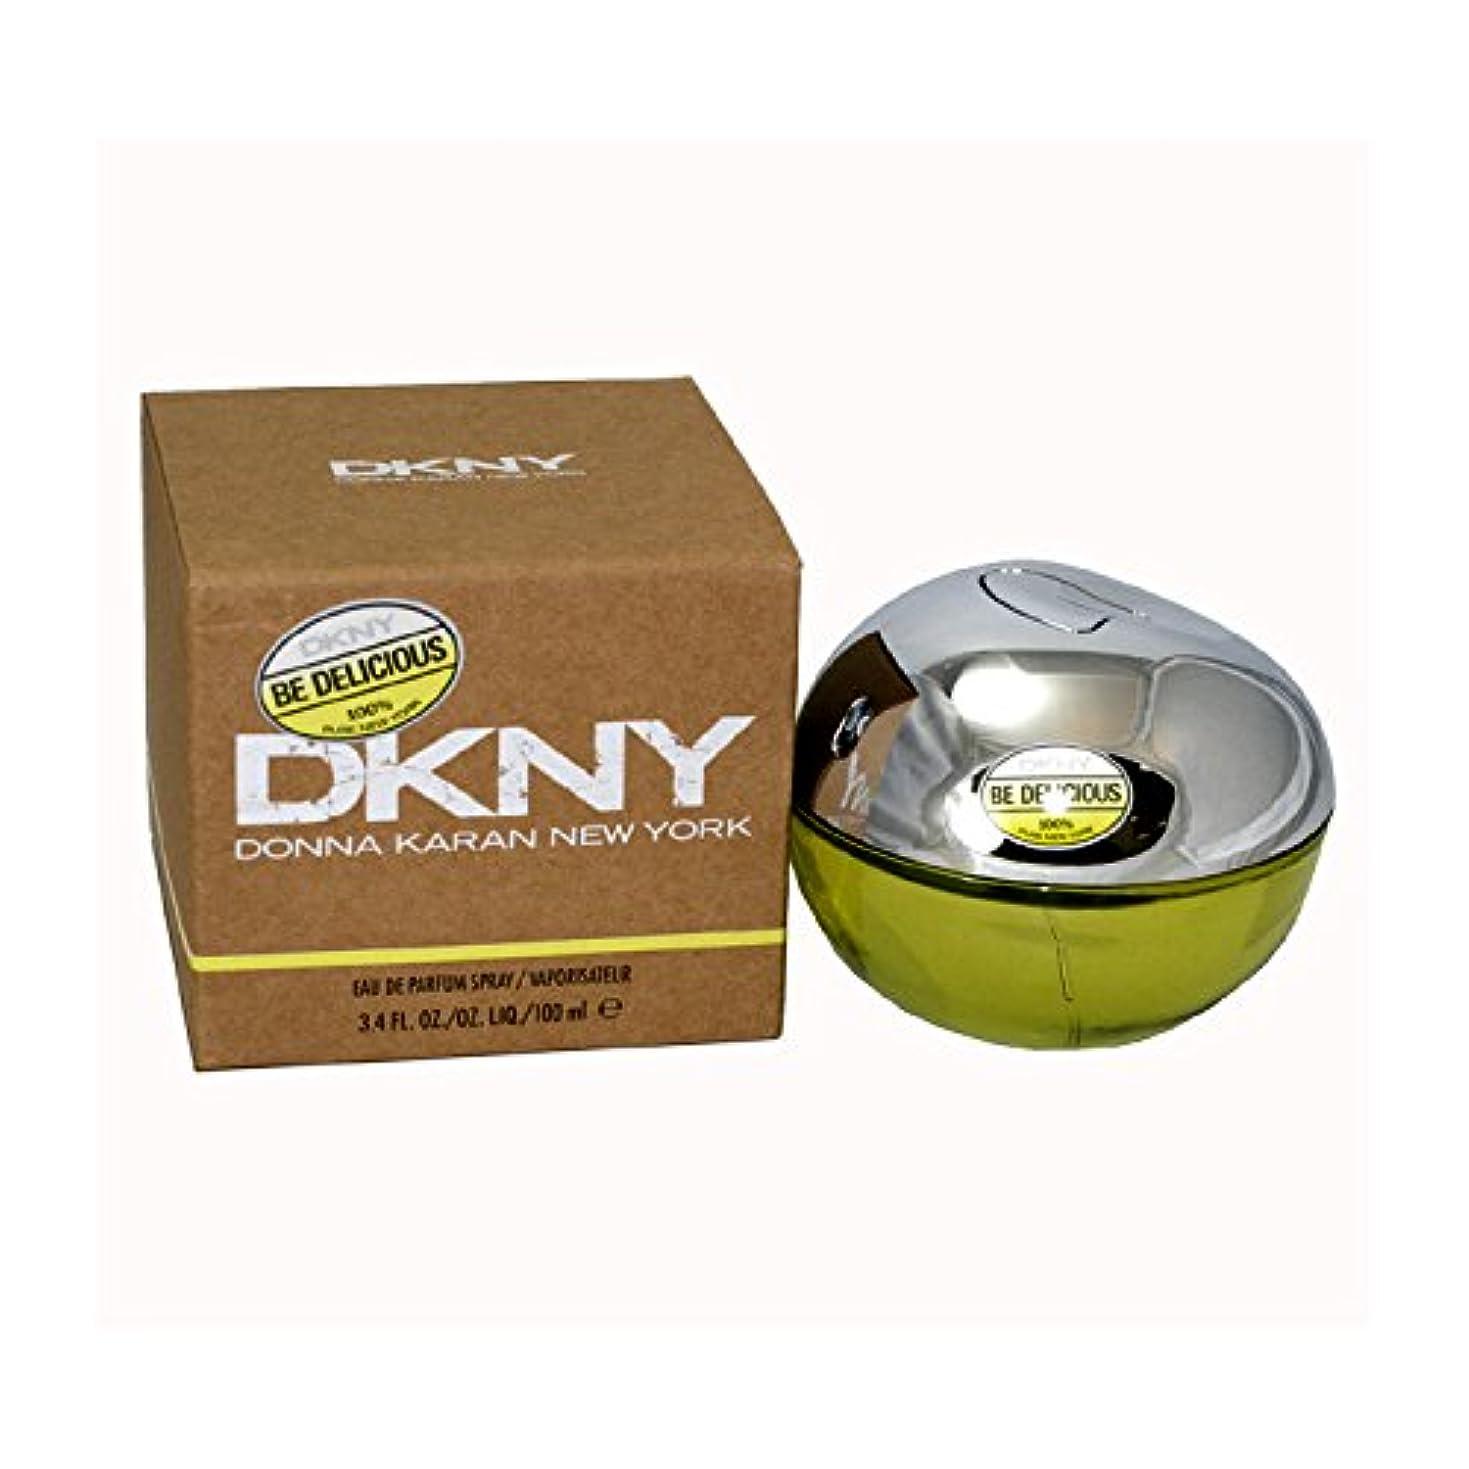 悲しいことにできた宇宙のダナキャラン DKNYビーデリシャス オードパルファン スプレー 100ml (女性用)